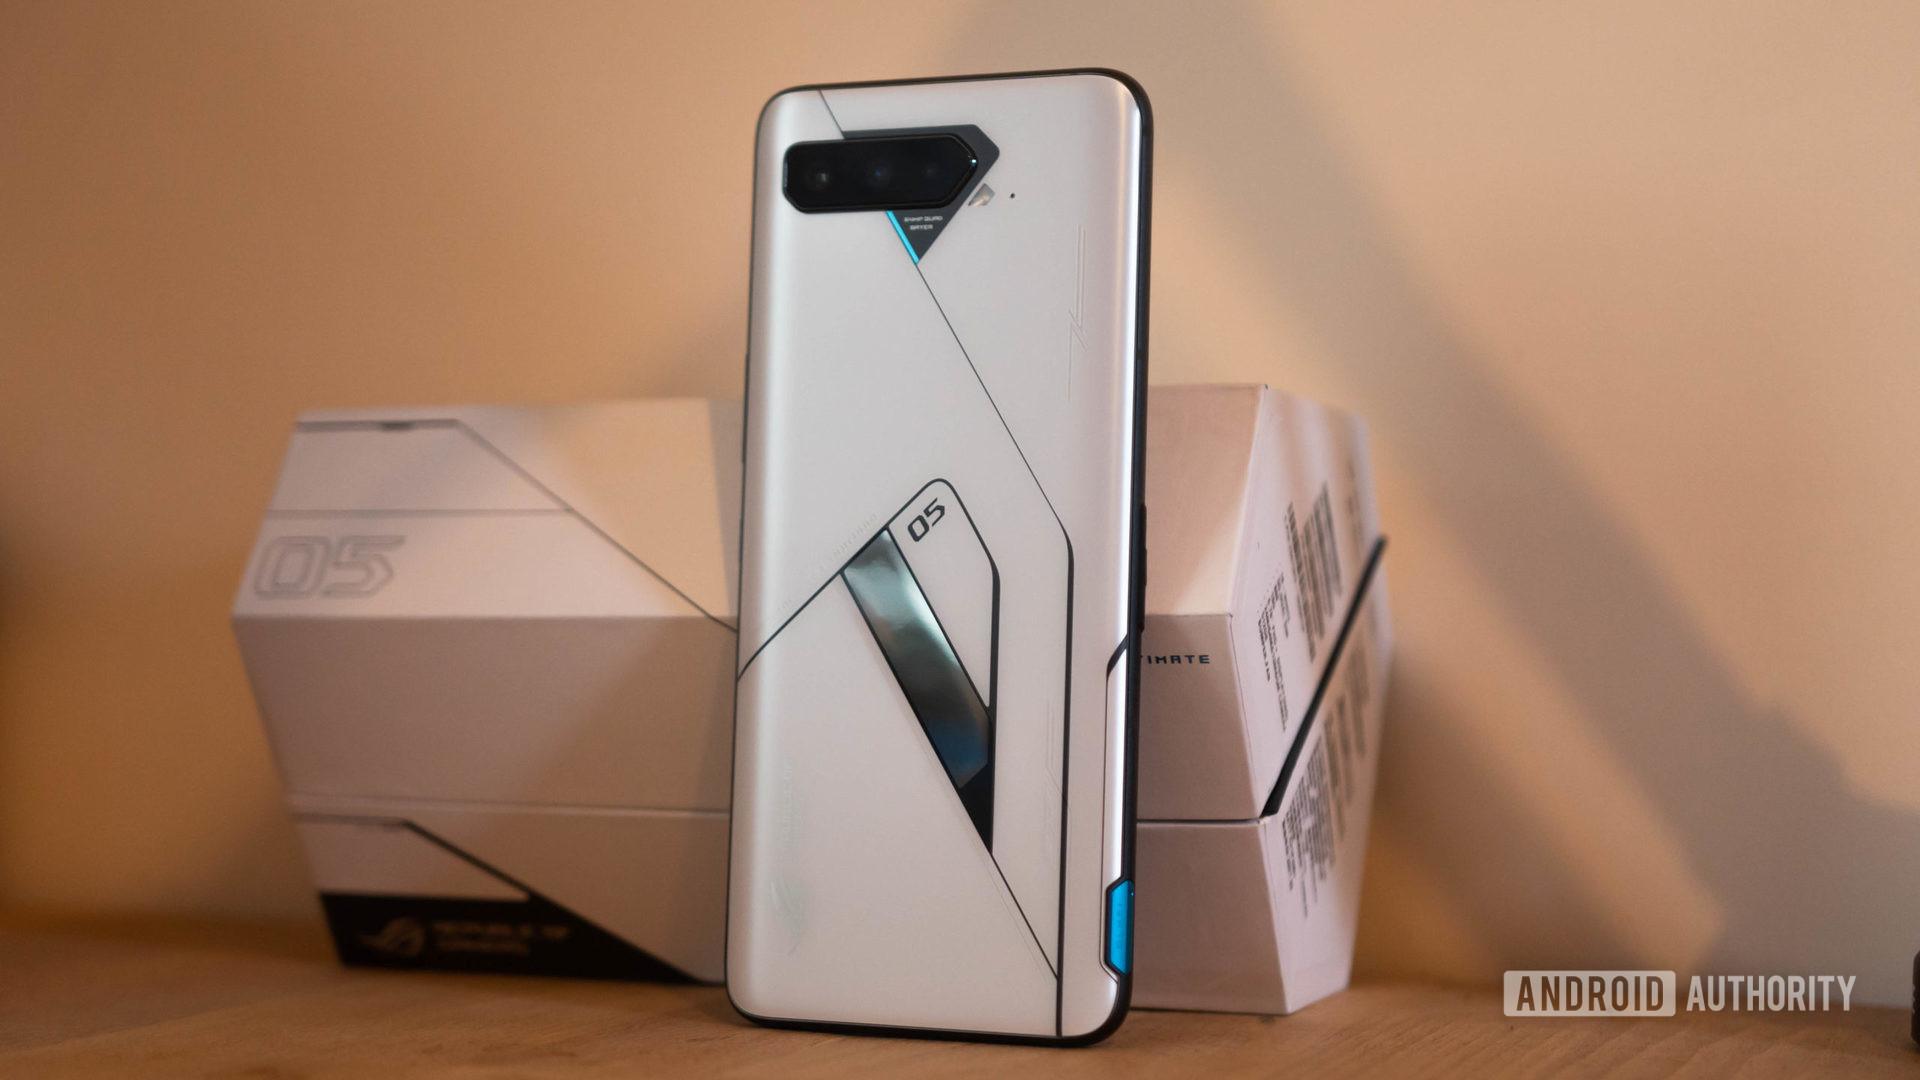 Asus ROG Phone 5 Ultimate Edition rear hero shot